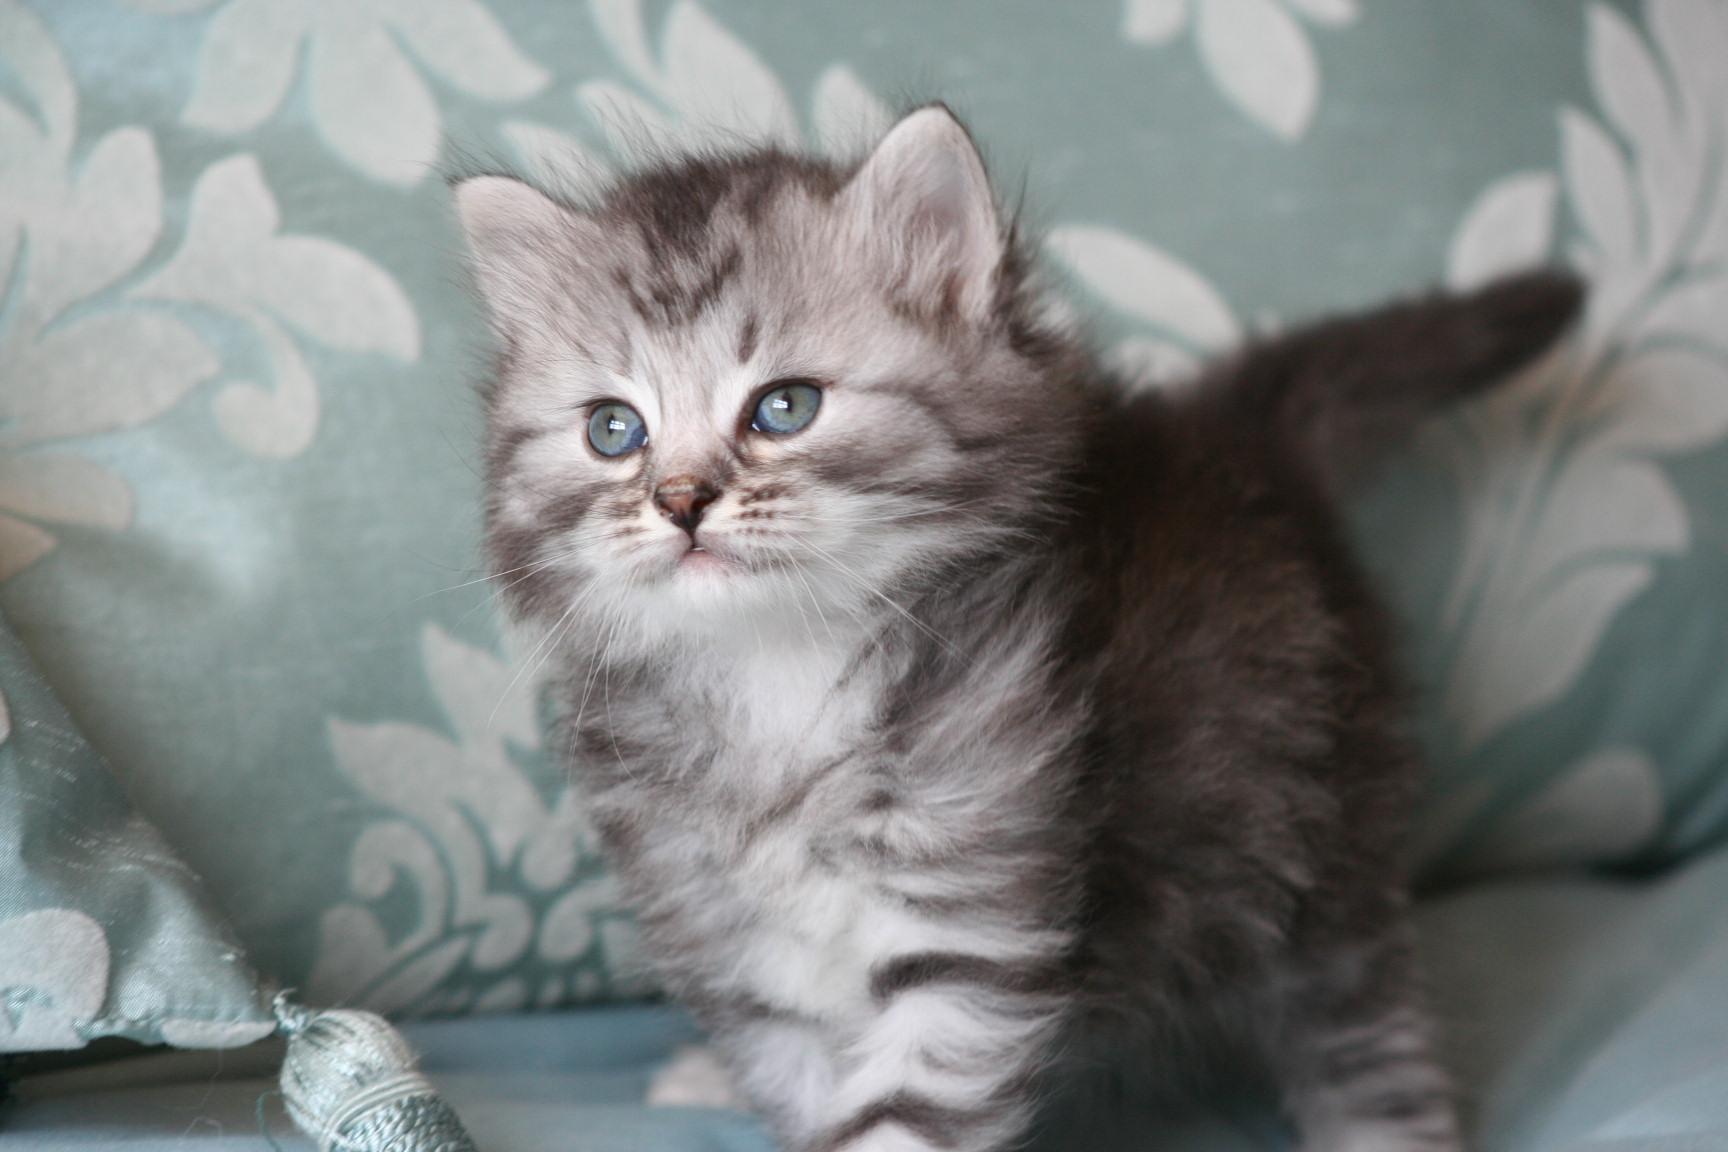 Siberian Kitten: Siberian Ourcats Breed